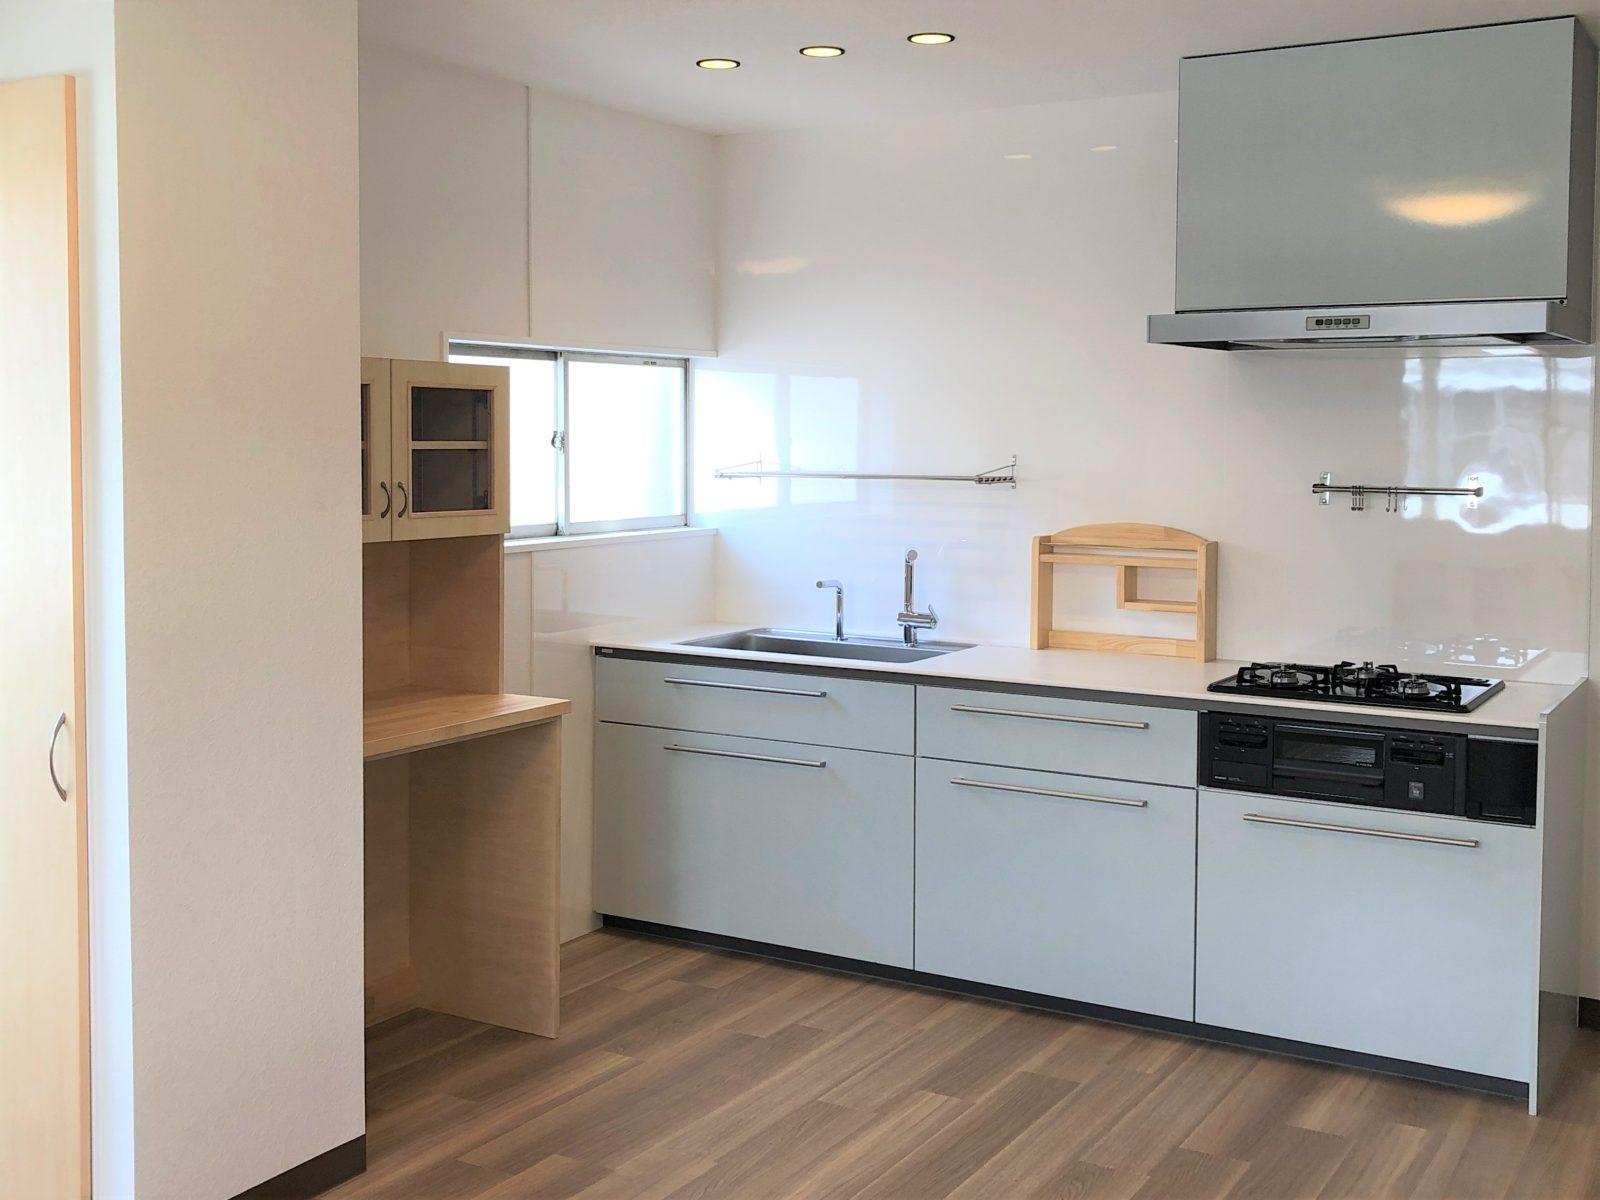 新しいシステムキッチンは使いやすさ・掃除のしやすさ◎